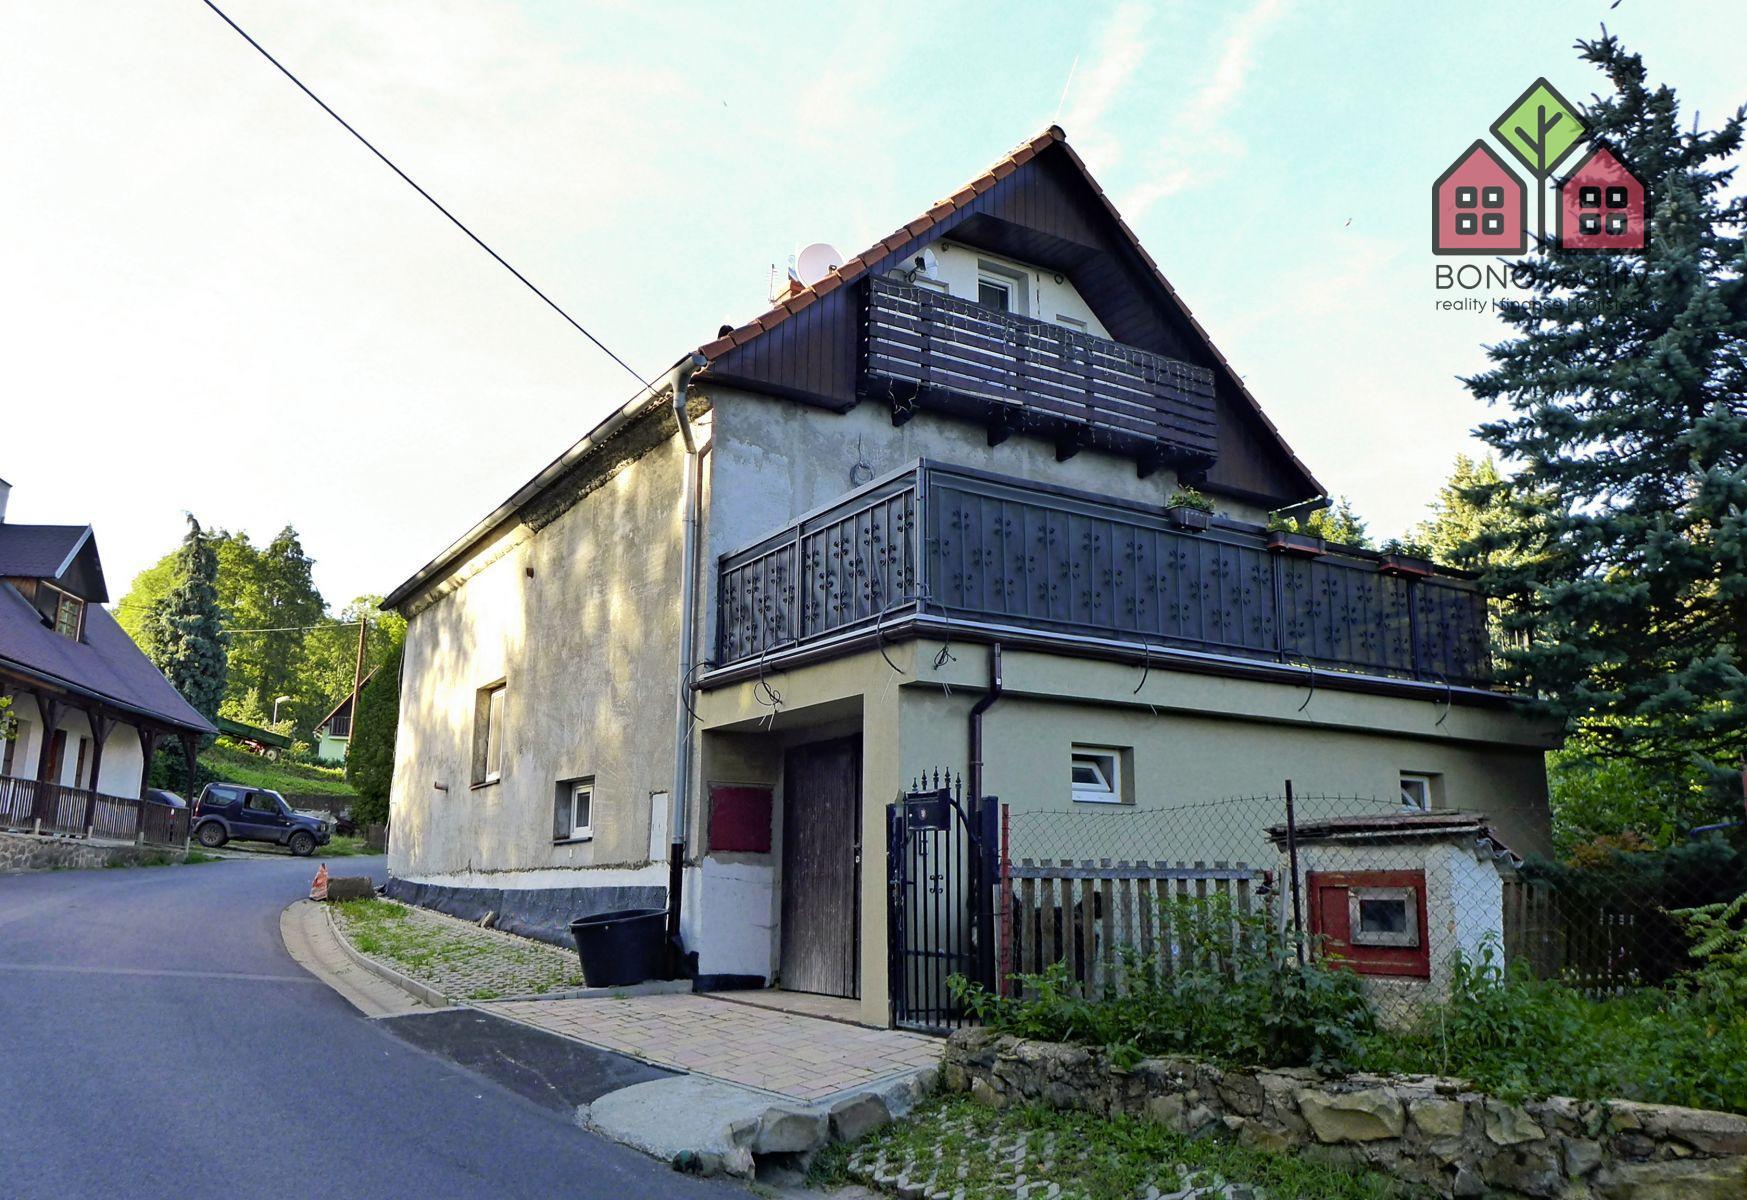 RD 4+1, pozemek 428, garáž, zahrádka, bydlení i rekreace, okres Litoměřice, obec Hlinná - část Lbín